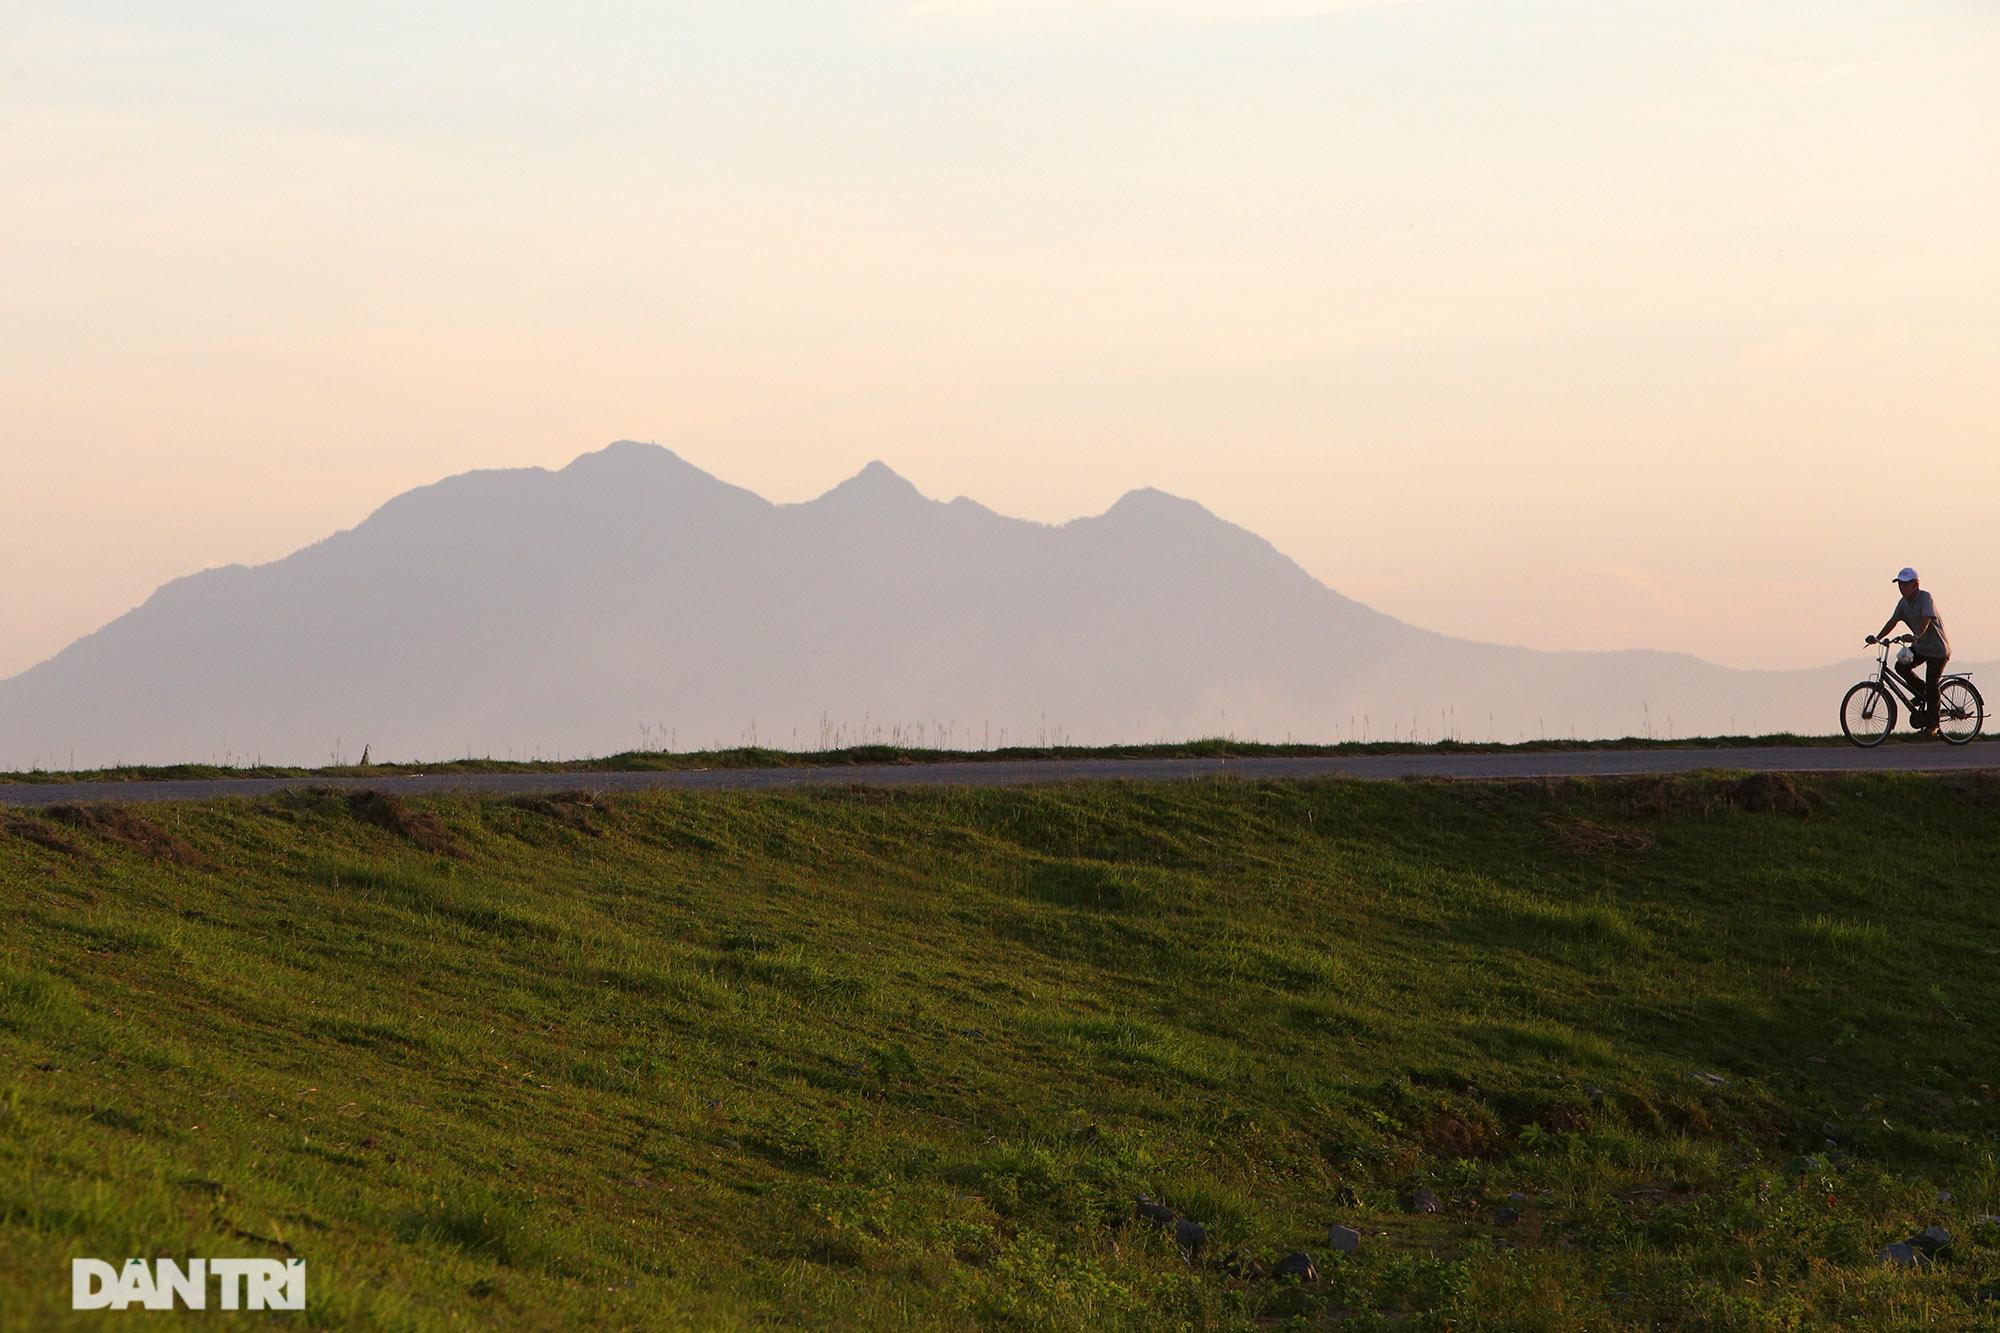 Núi thiêng gần Hà Nội đẹp mê mải nhìn từ muôn phương tám hướng - Ảnh 3.